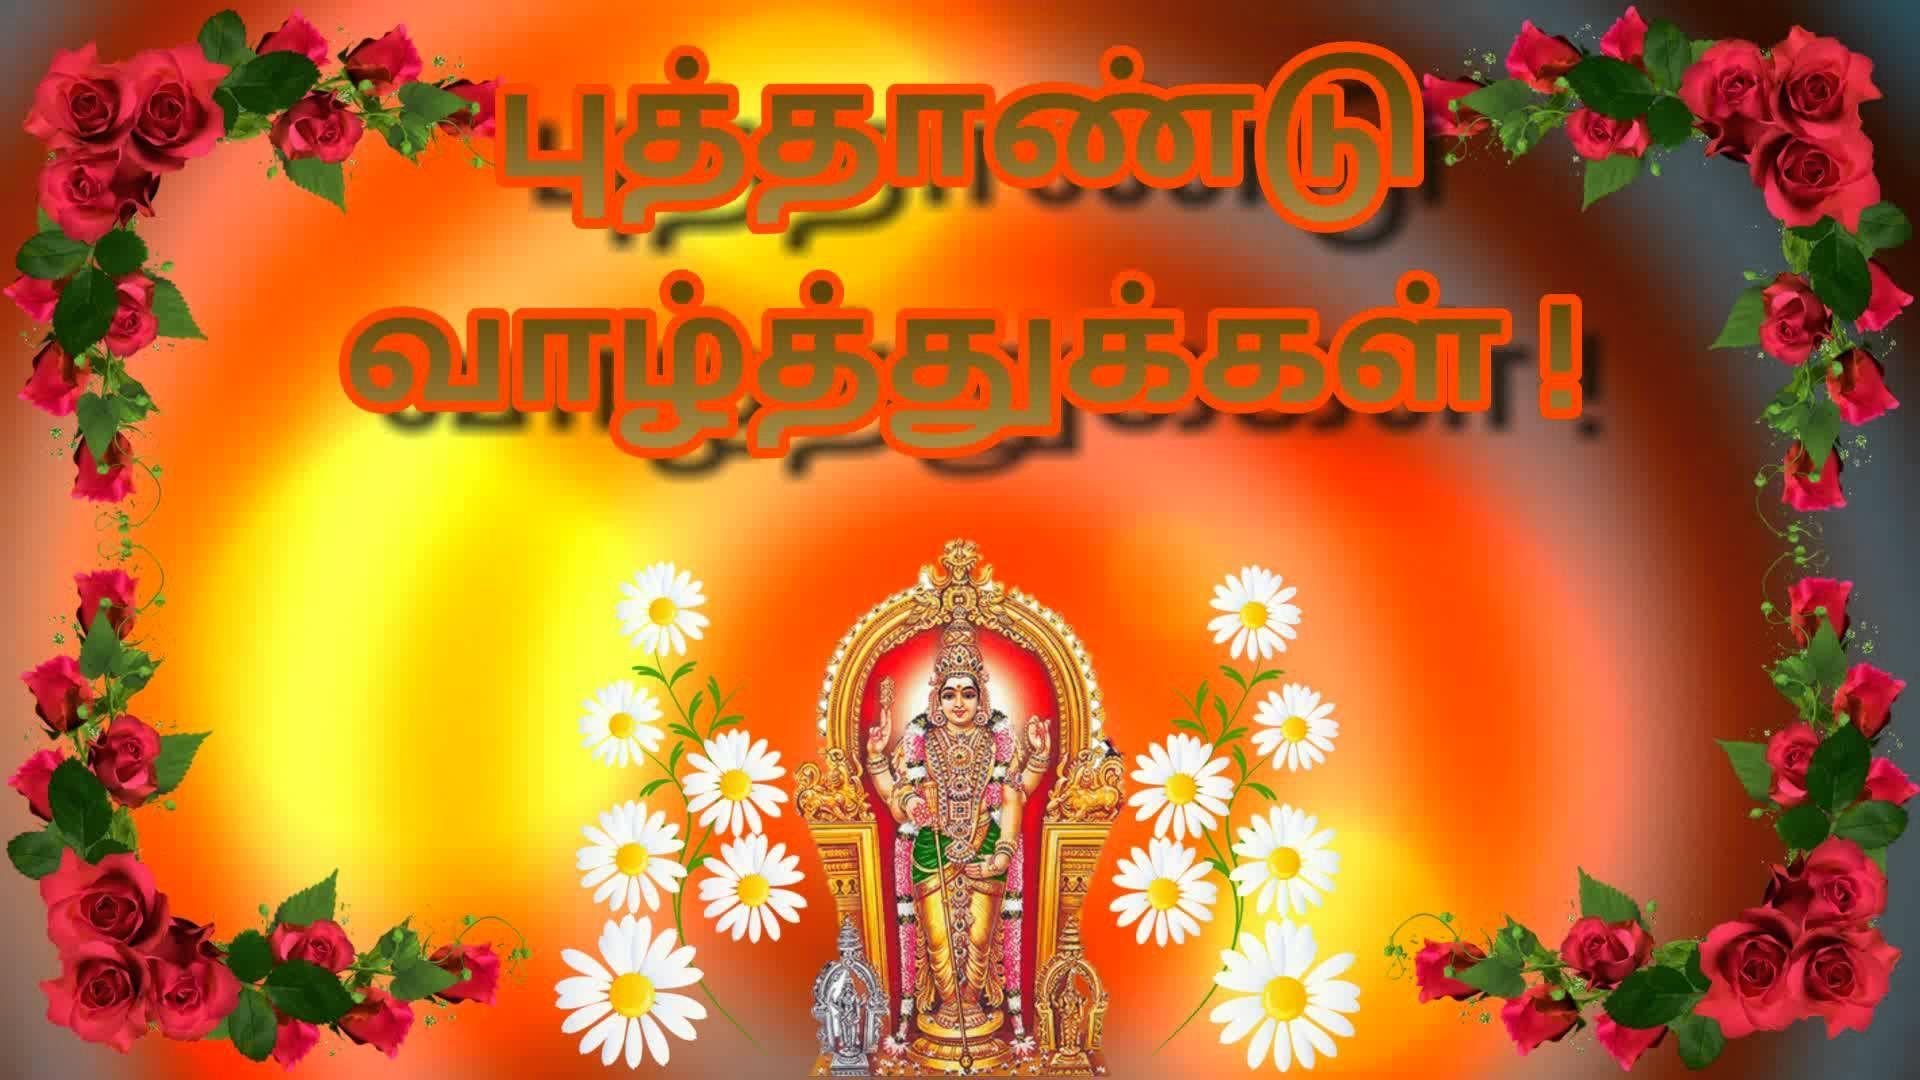 Happy Puthandu 2016, Puthandu Wishes, Tamil New Year